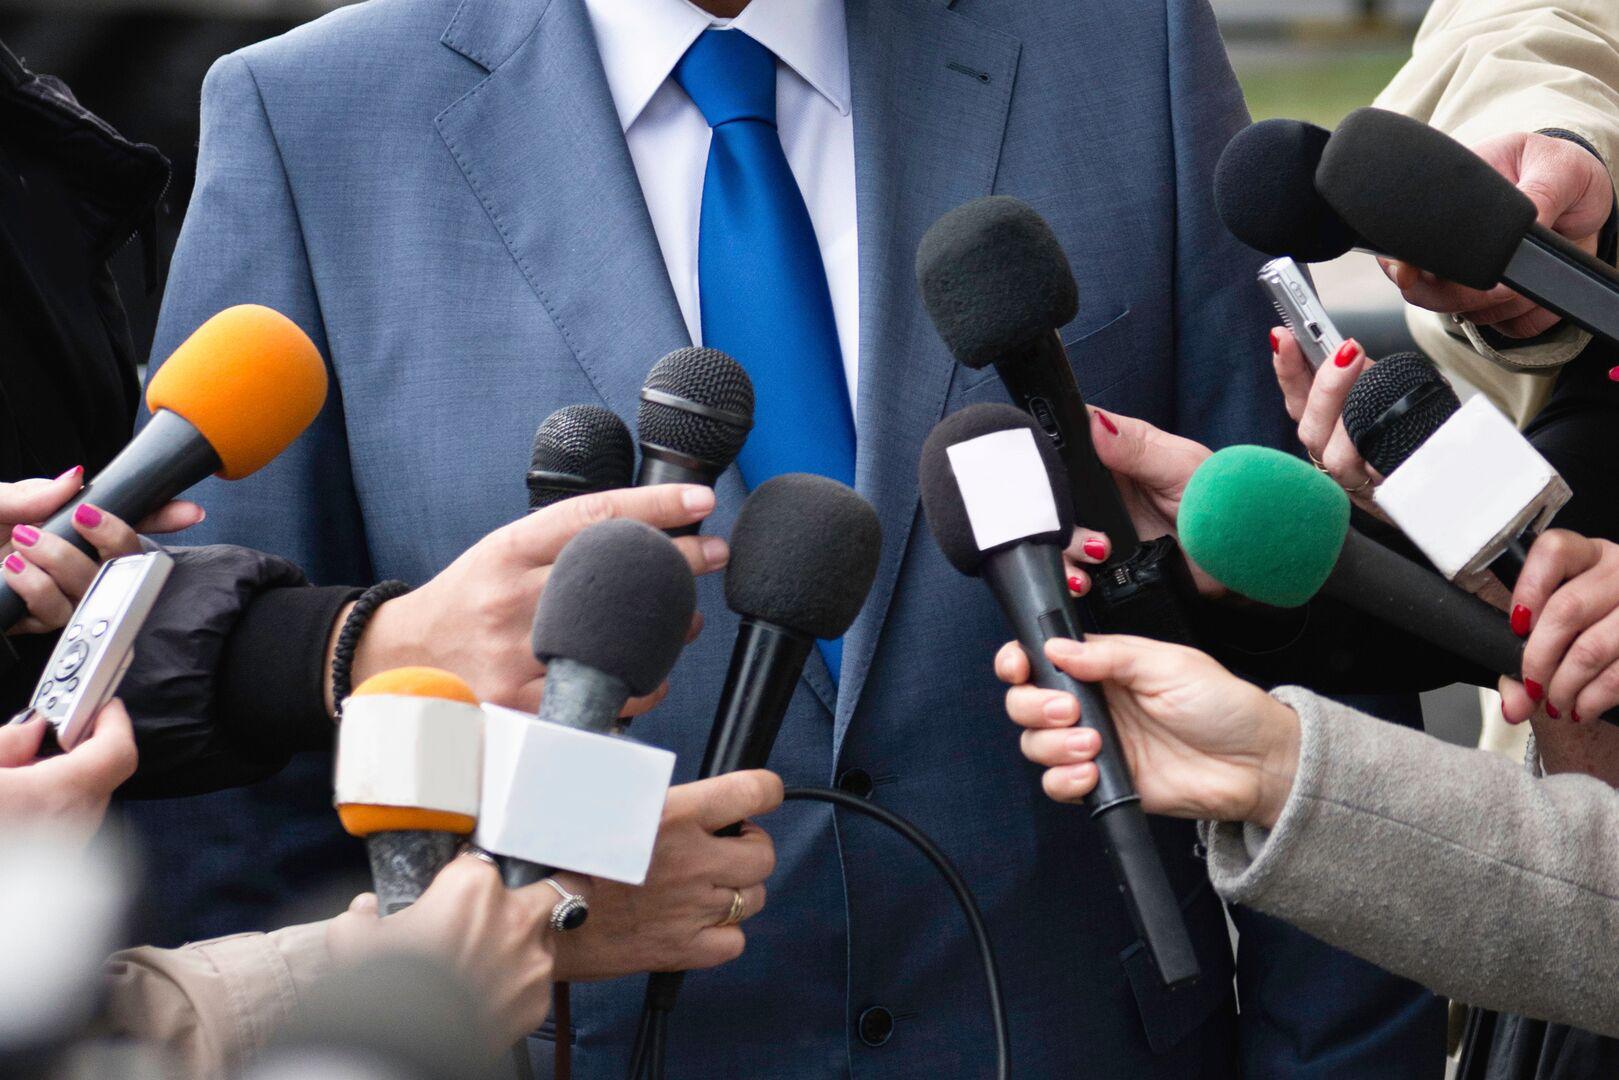 Media | Associação dos Jornalistas de Macau apela ao respeito pela profissão